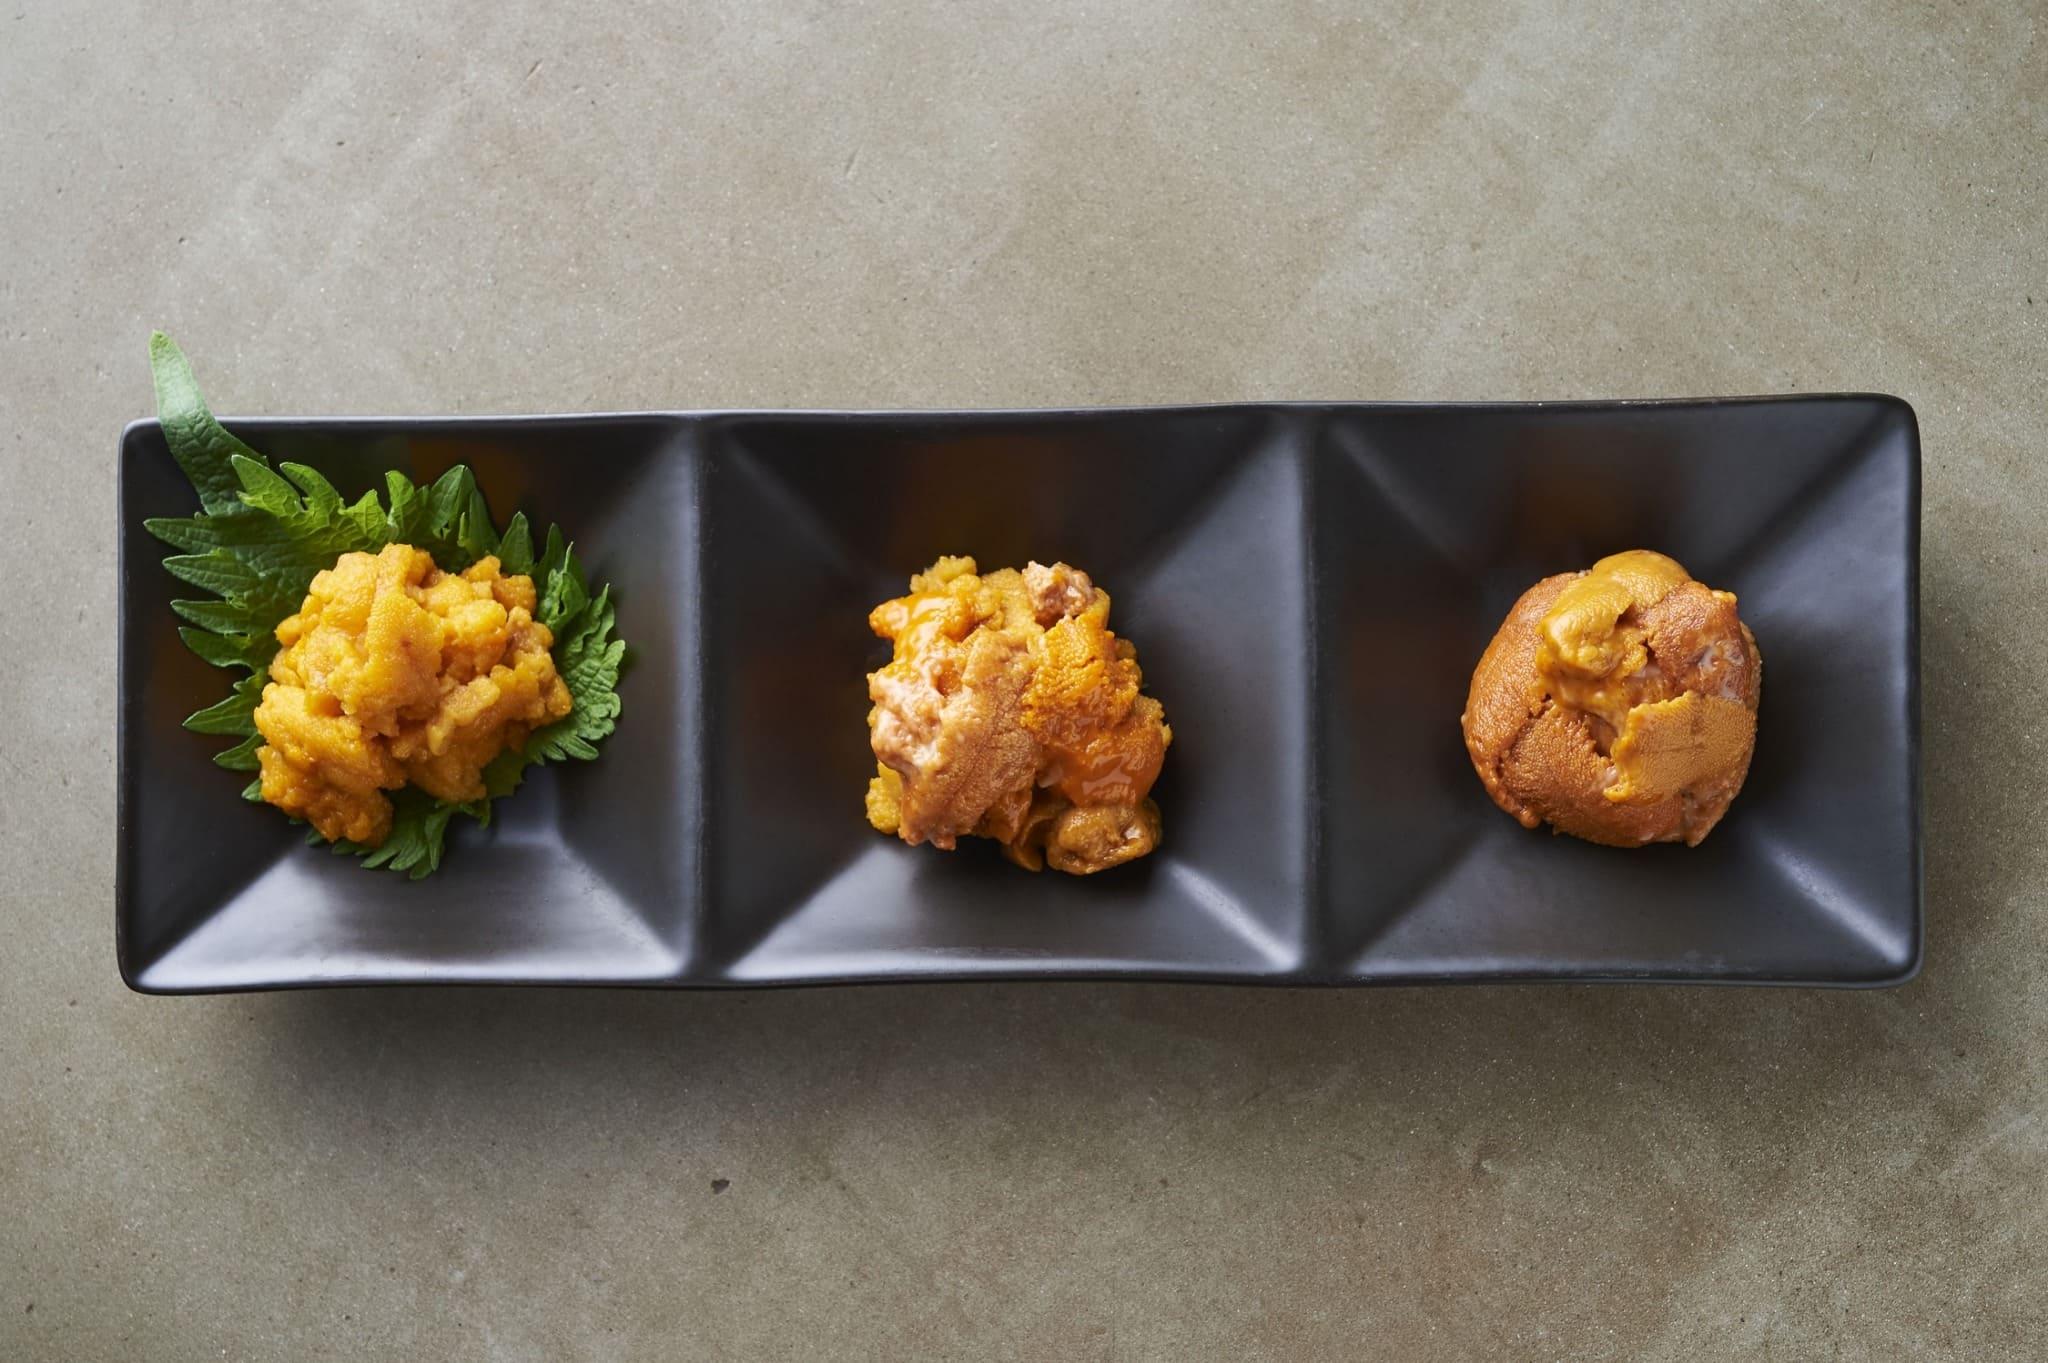 毎日、北海道をはじめ世界各地から仕入れた生ウニのお刺身です。まずはそのまま。その後、醤油や塩をつけてお召し上がり下さい。ウニ度MAX。